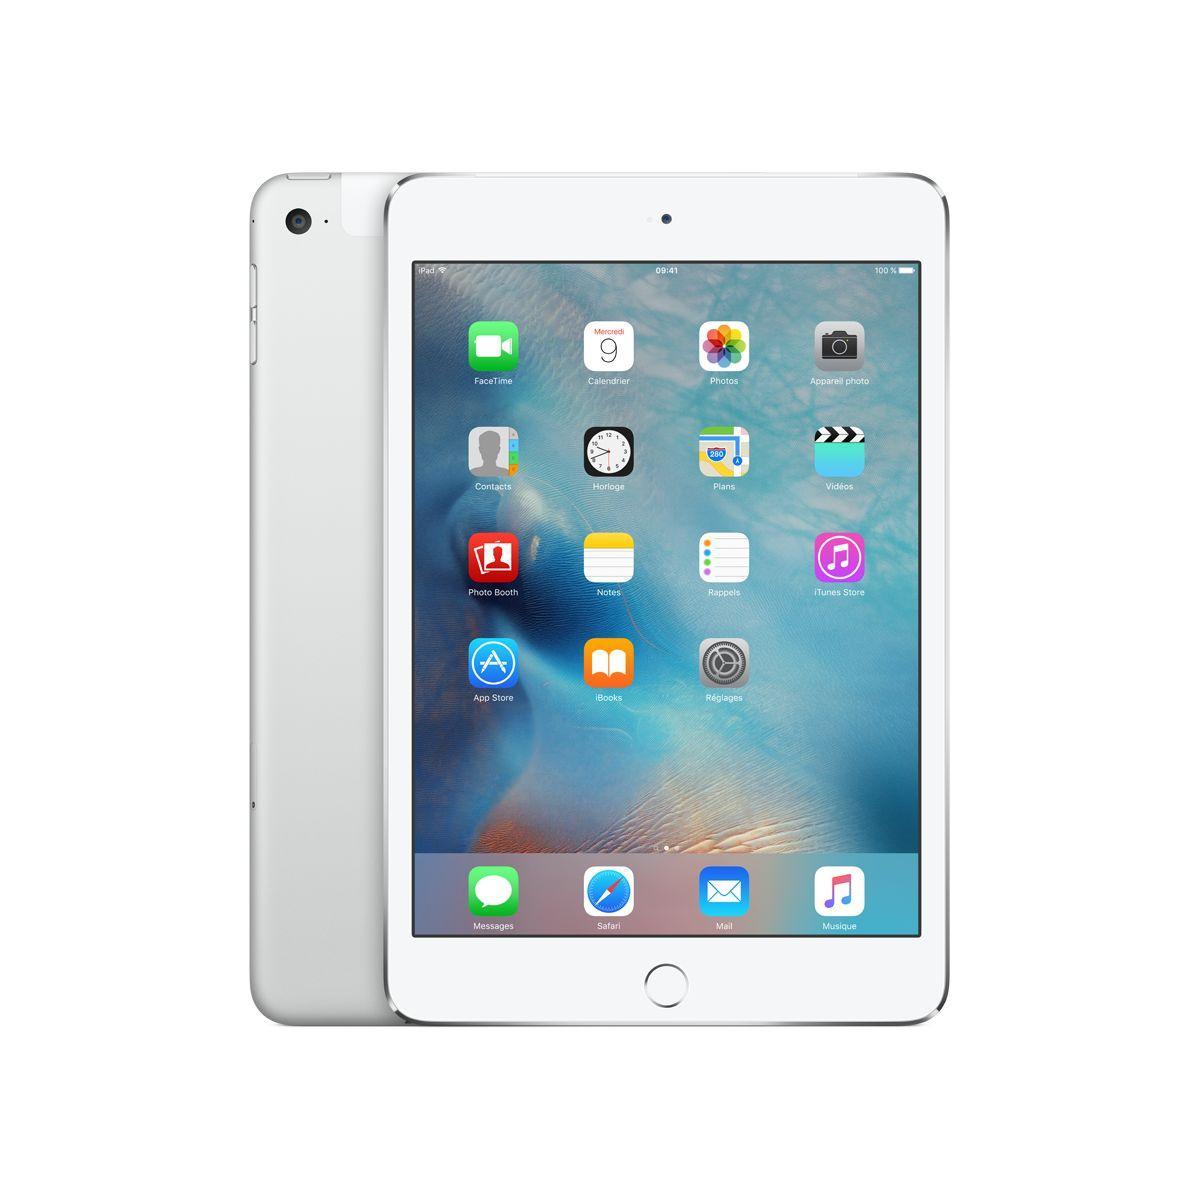 Tablette apple ipad mini 4 128go cel. argent - livraison offerte : code livrelais (photo)